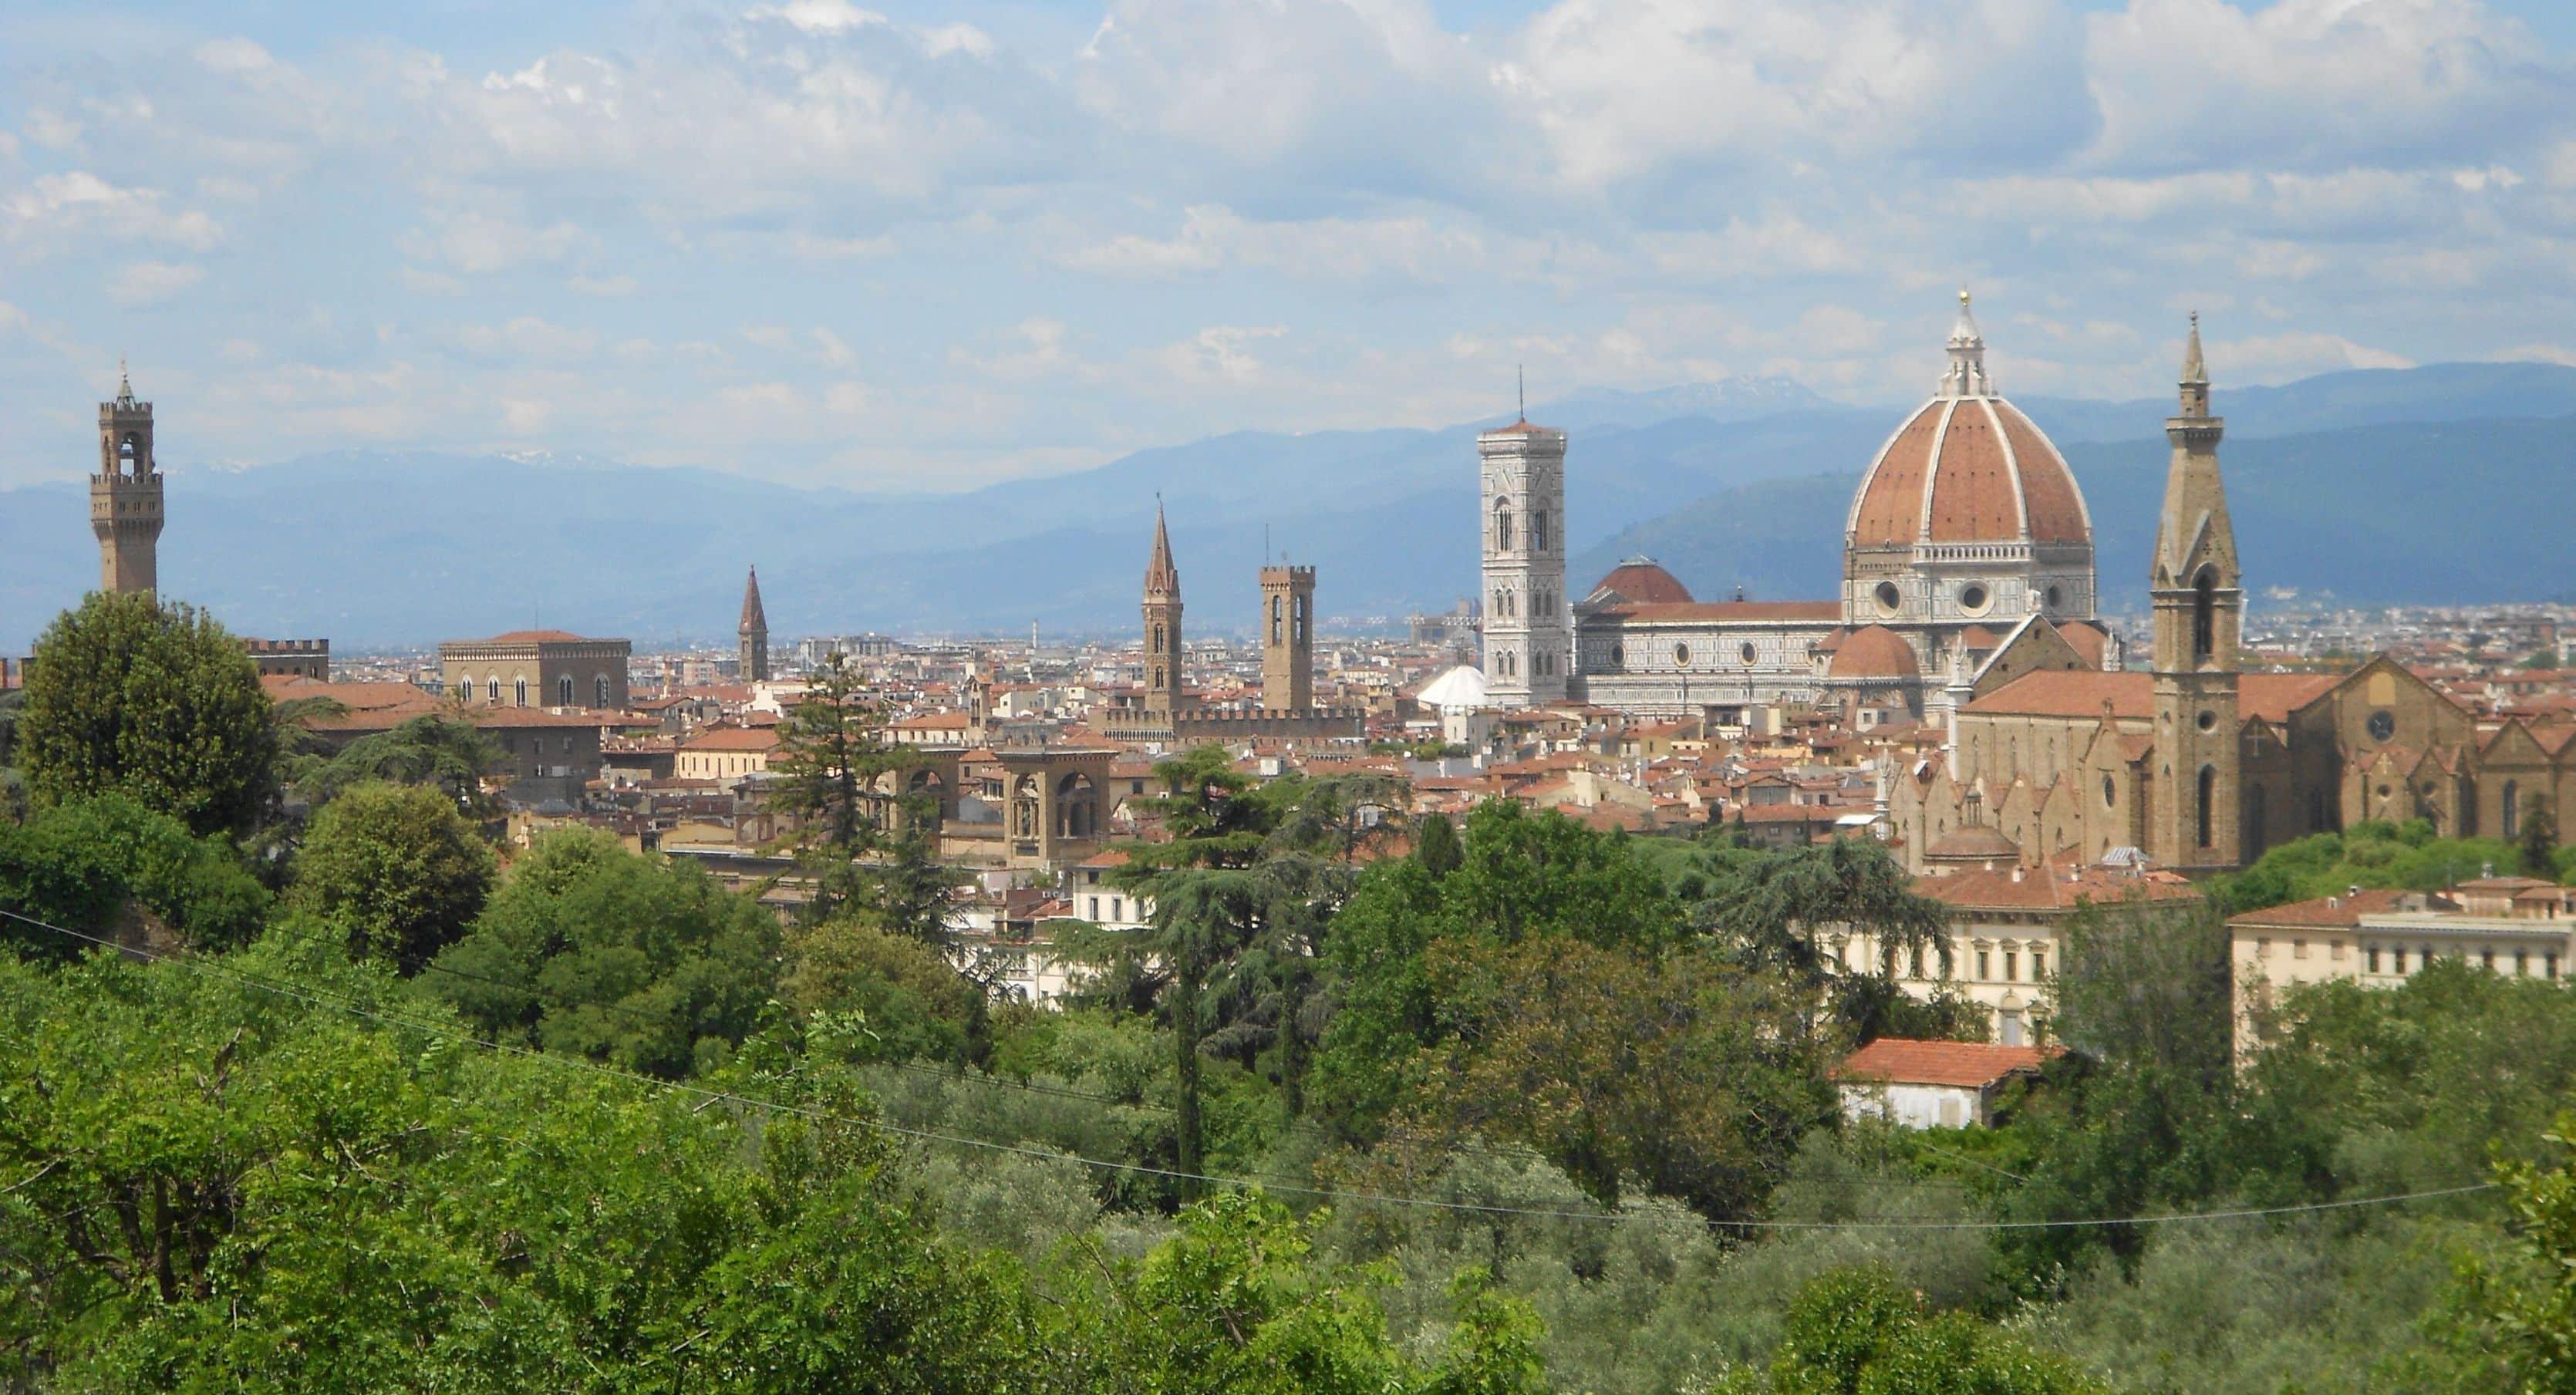 Einen Studienurlaub In Florenz Zu Machen Istituto Il David